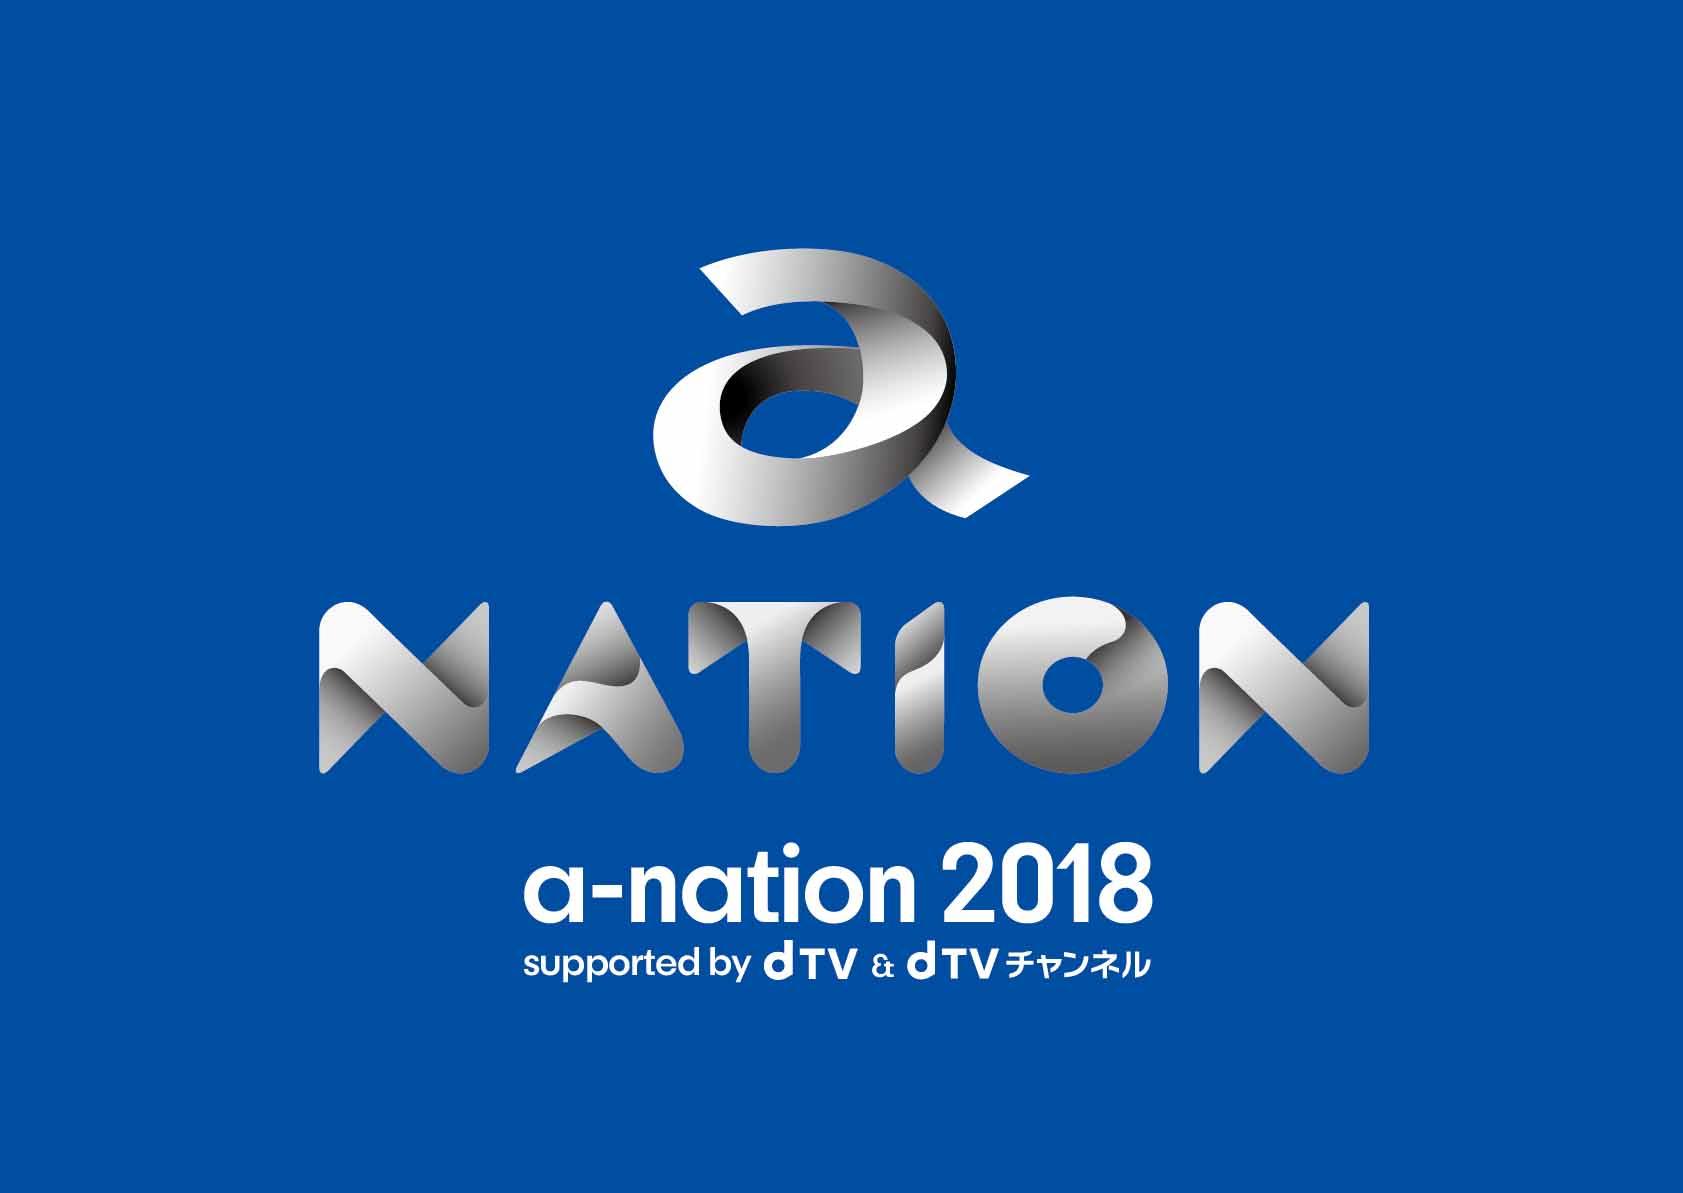 a-nation 2018 キッズルーム(託児所)8/18 (土) 大阪公演